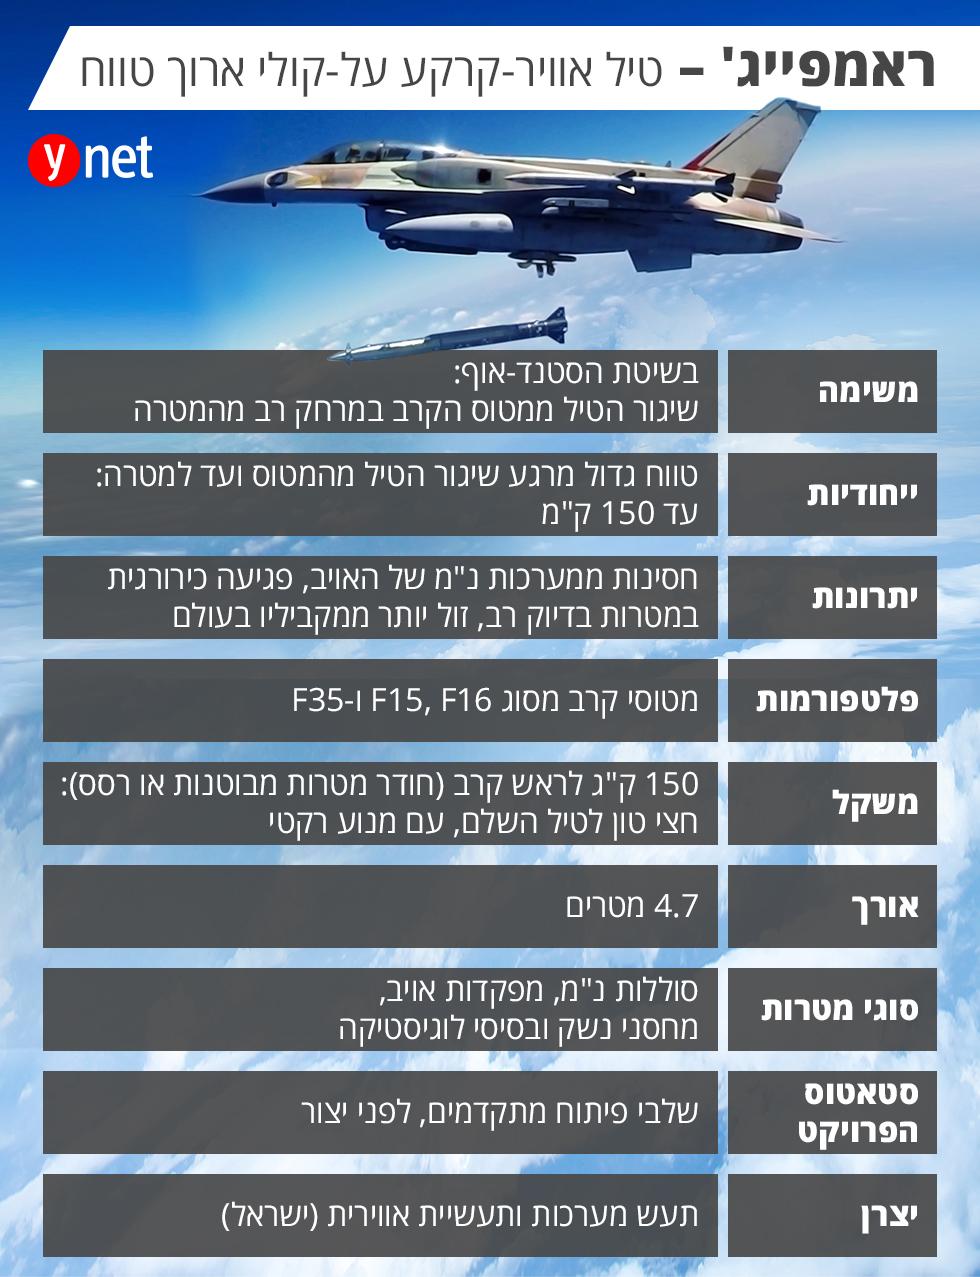 ישראל פתחה טילים חדשים שהפכו את רוסיה לבדיחה-טיל ישראלי חדש בשם RAMPAGE יכול להשמיד את הS300 בסוריה 11111